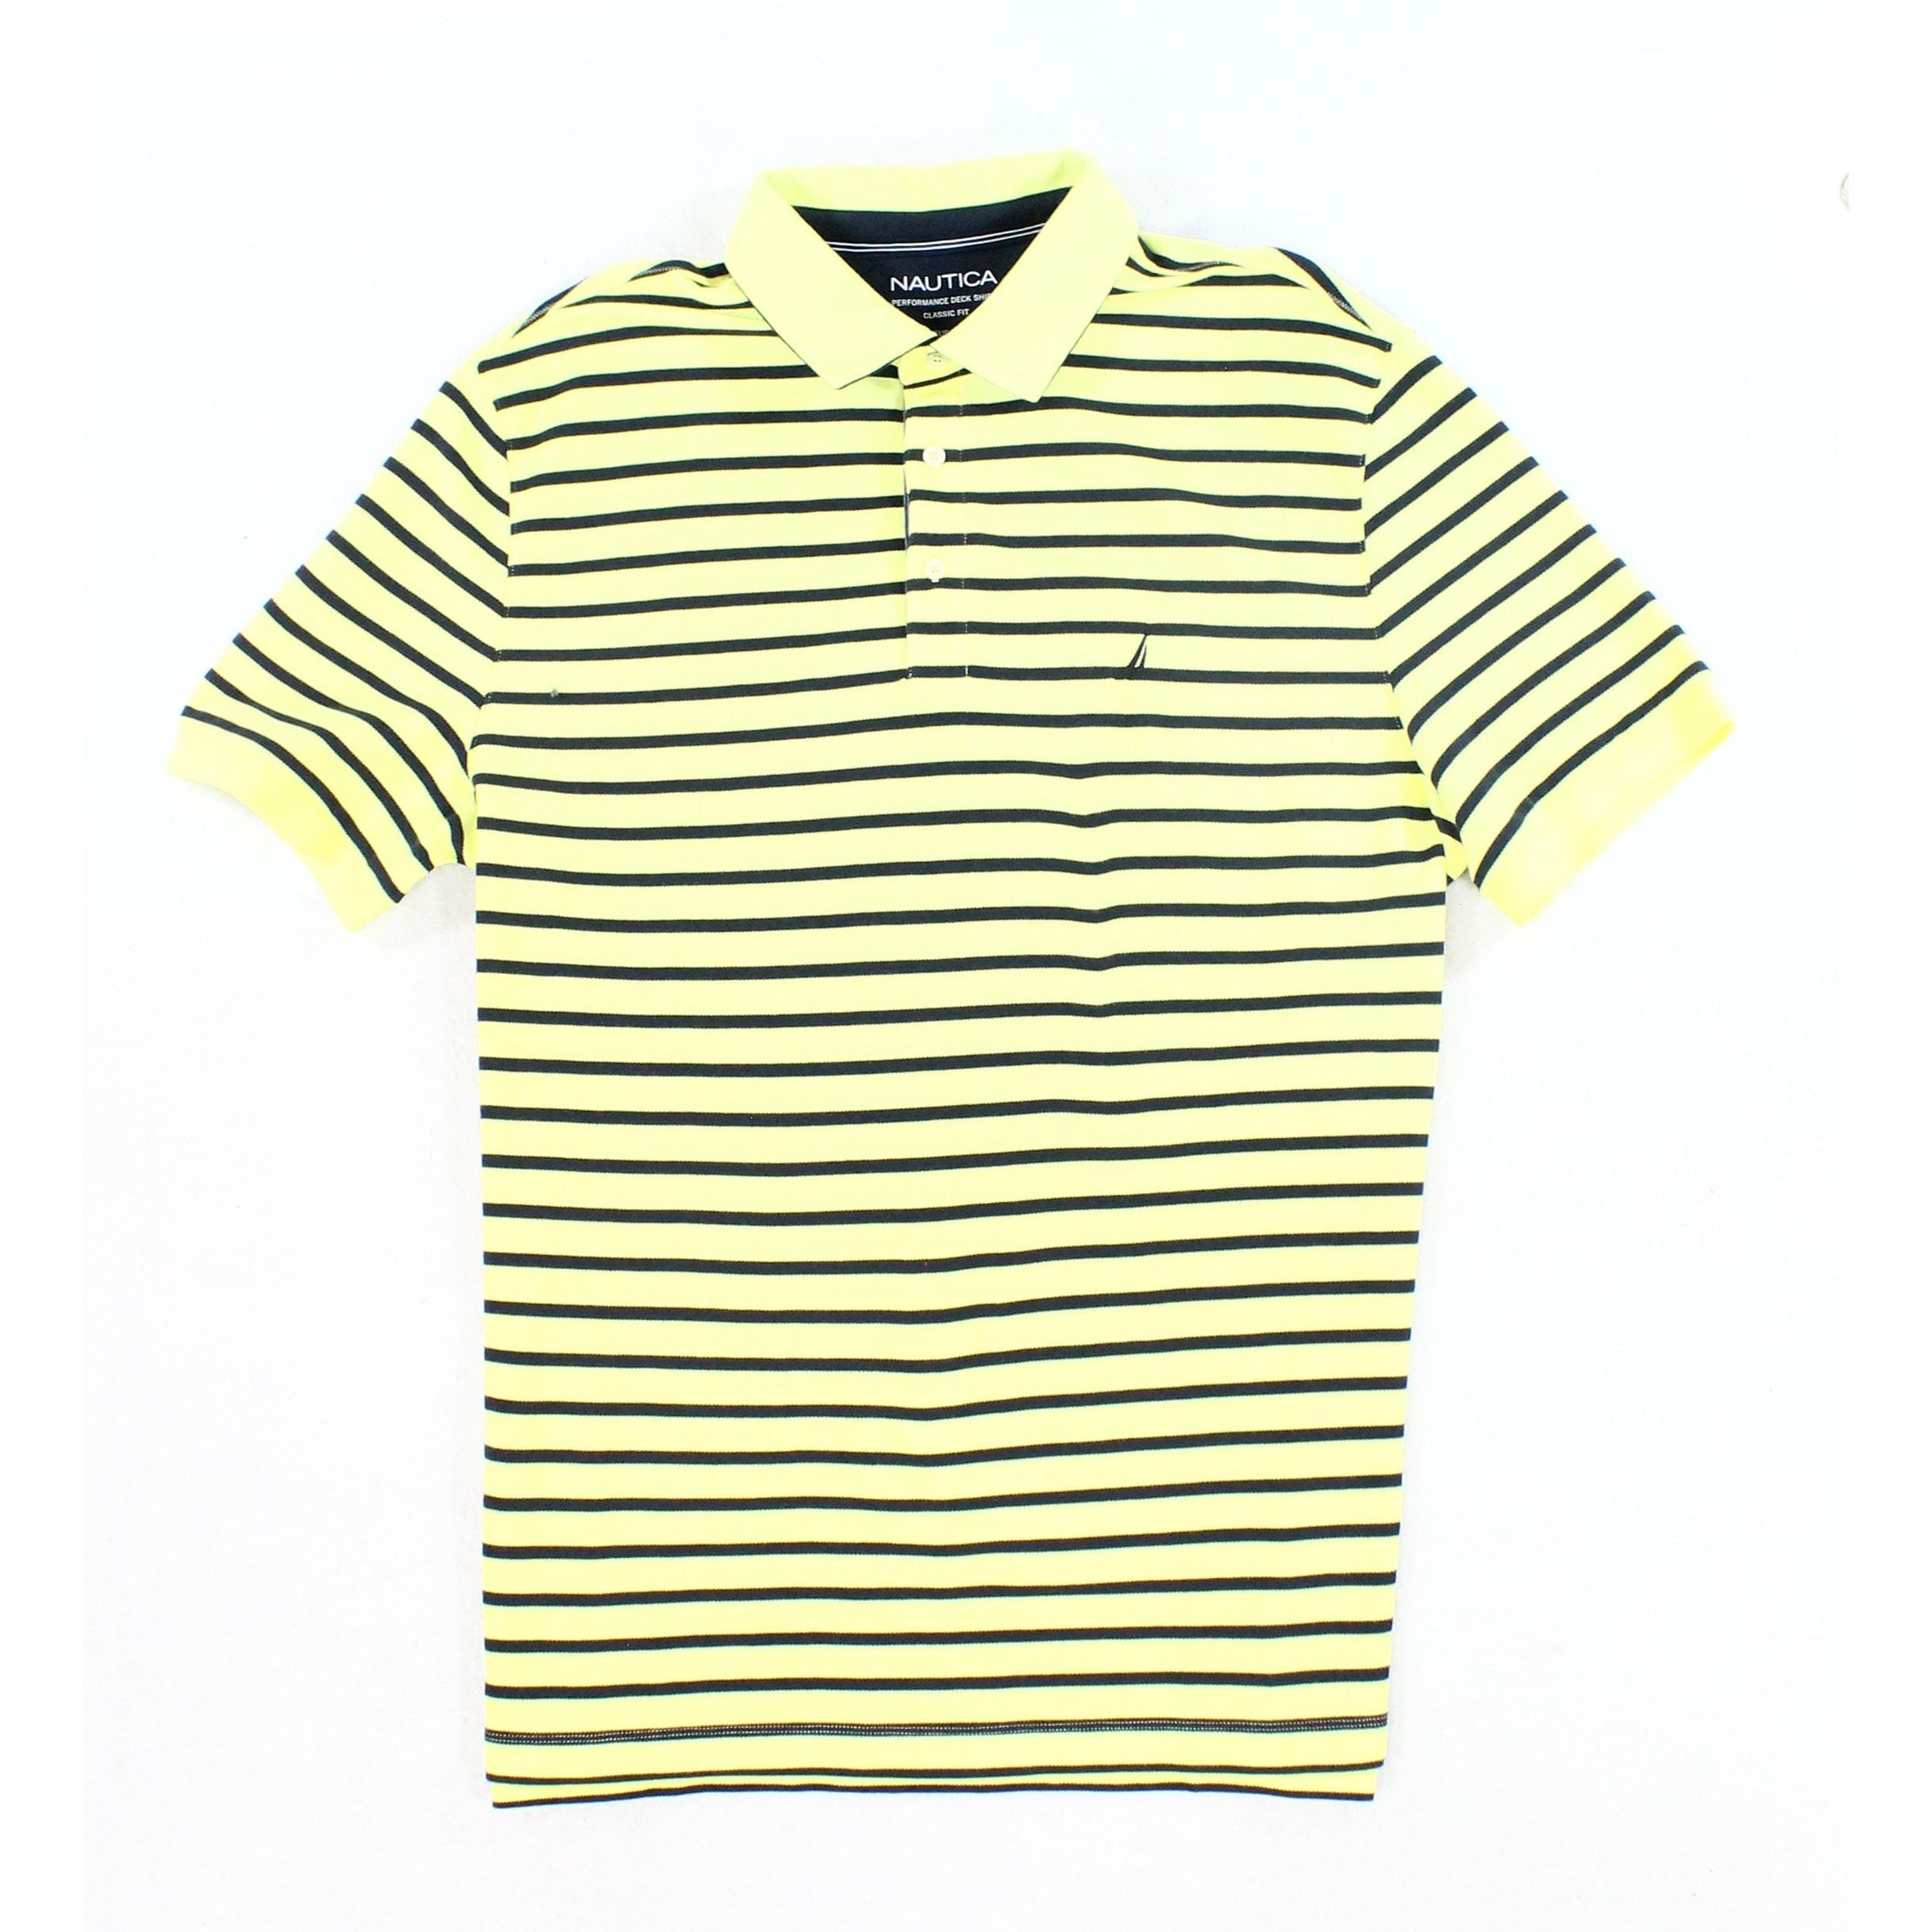 c004db1b Nautica NEW Yellow Mens Size XL Polo Slim-Fit Striped Short-Sleeve Shirt